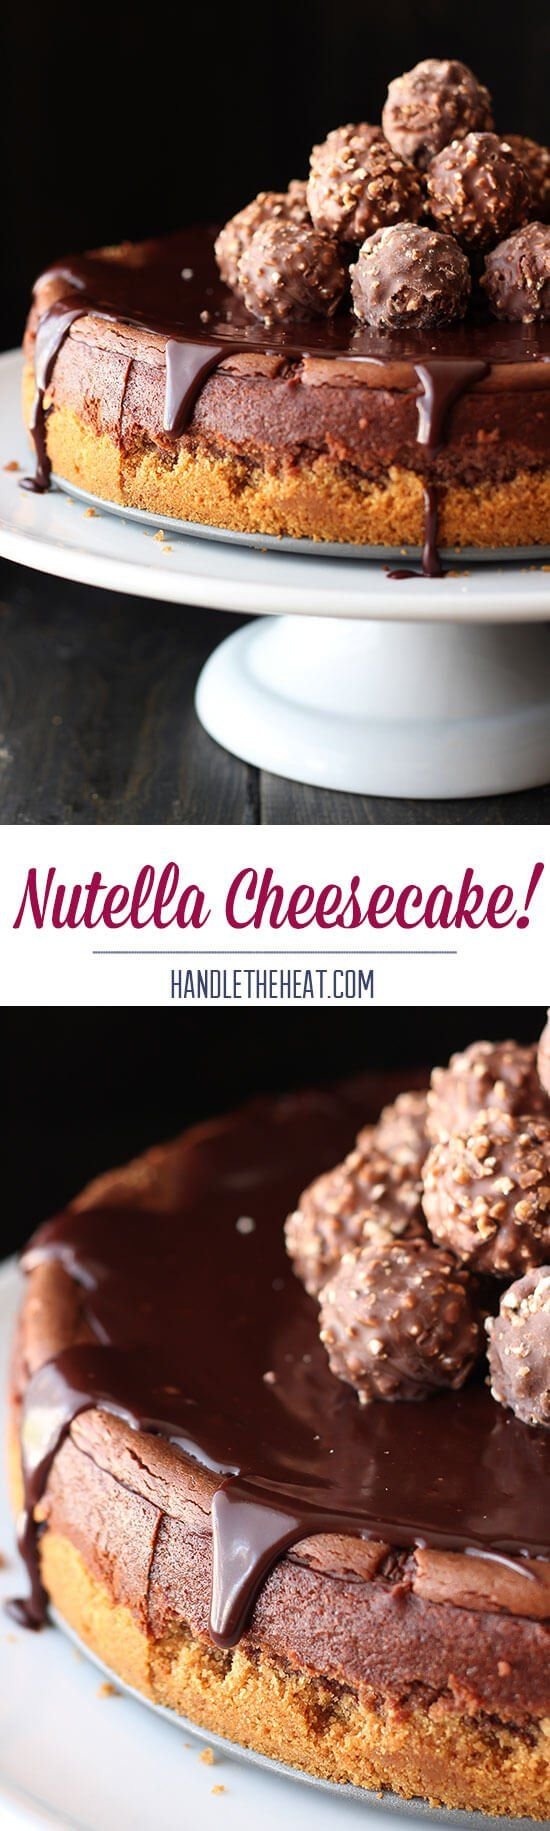 ¿Qué tal un Nutella Cheesecake para tu reunión social? #PostresParaFiestas